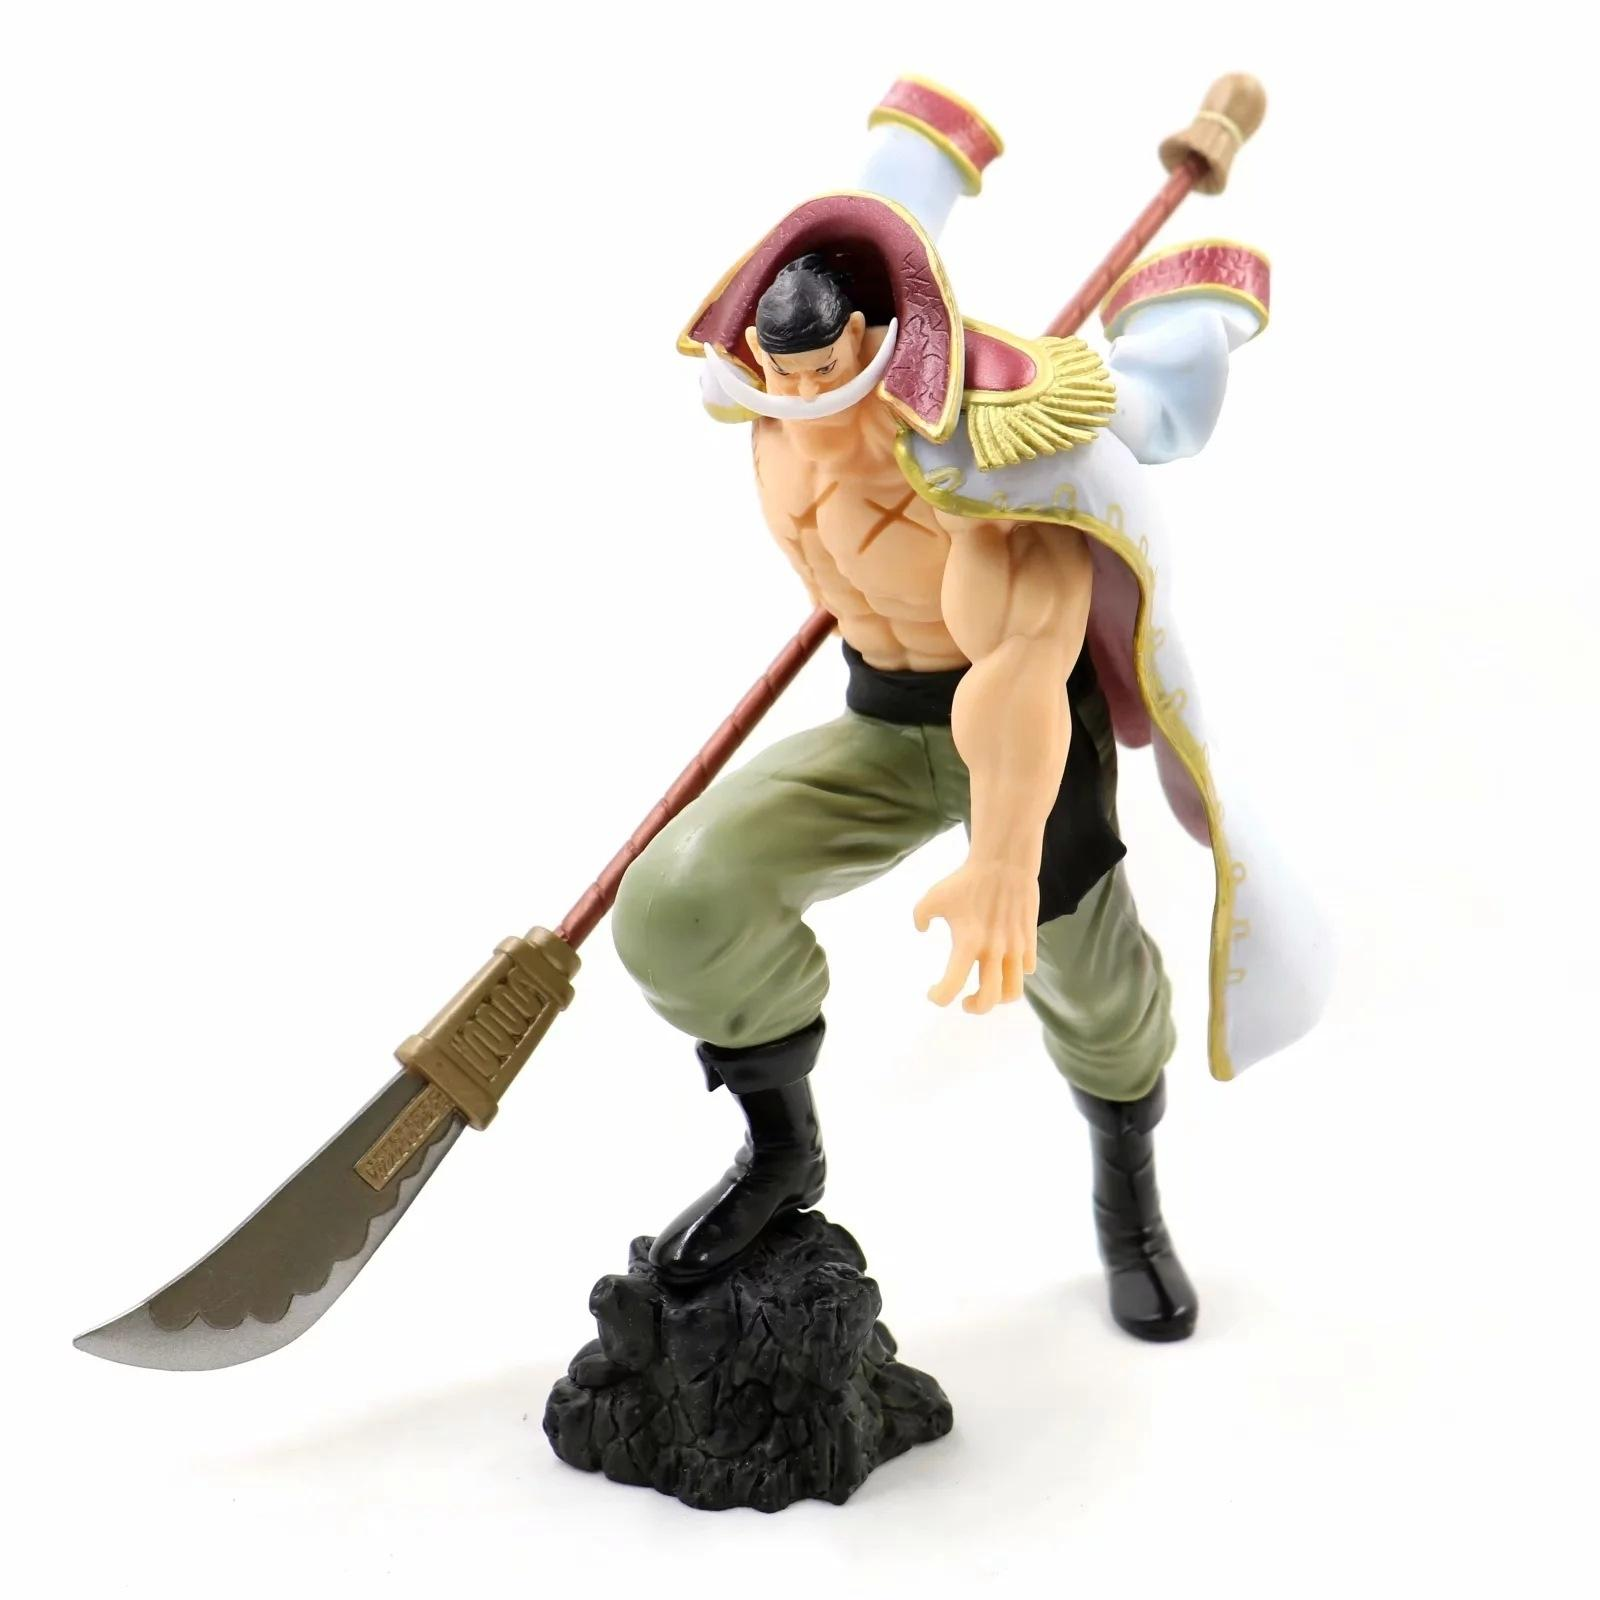 POP One Piece Animation Figure Der Pirat Edward Newgate Figure 22CM